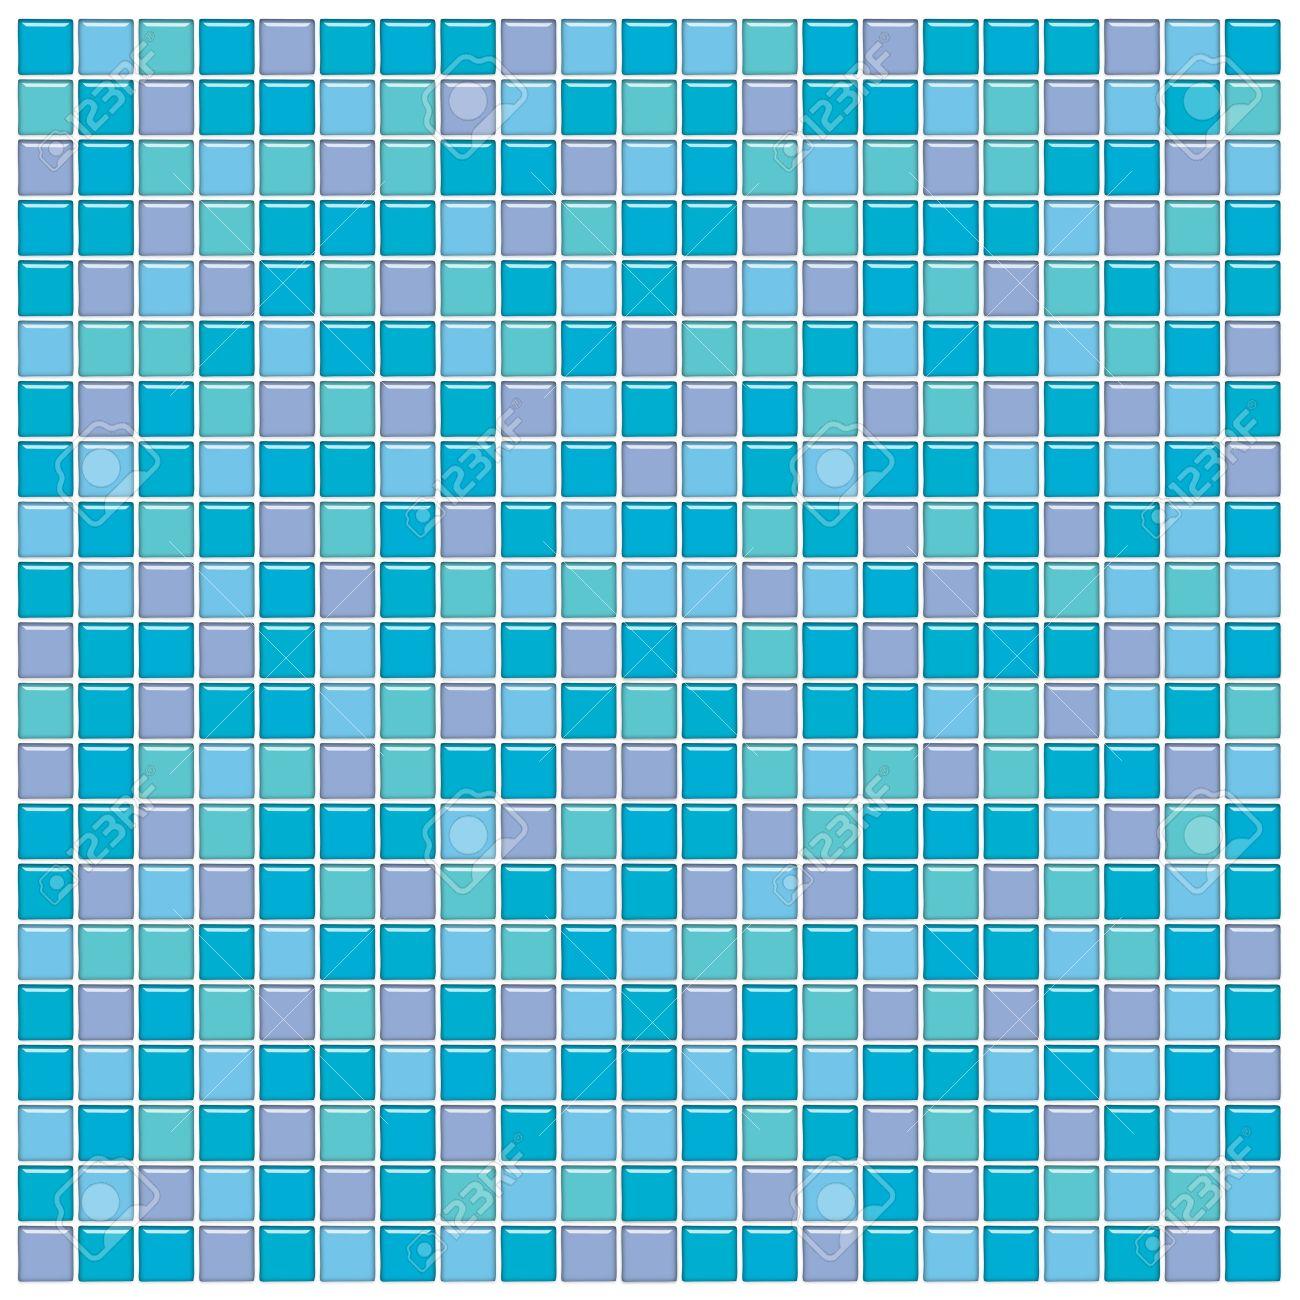 Salle De Bains Avec Mur Bleu Vert Et Violet Carreaux De Mosa Que De